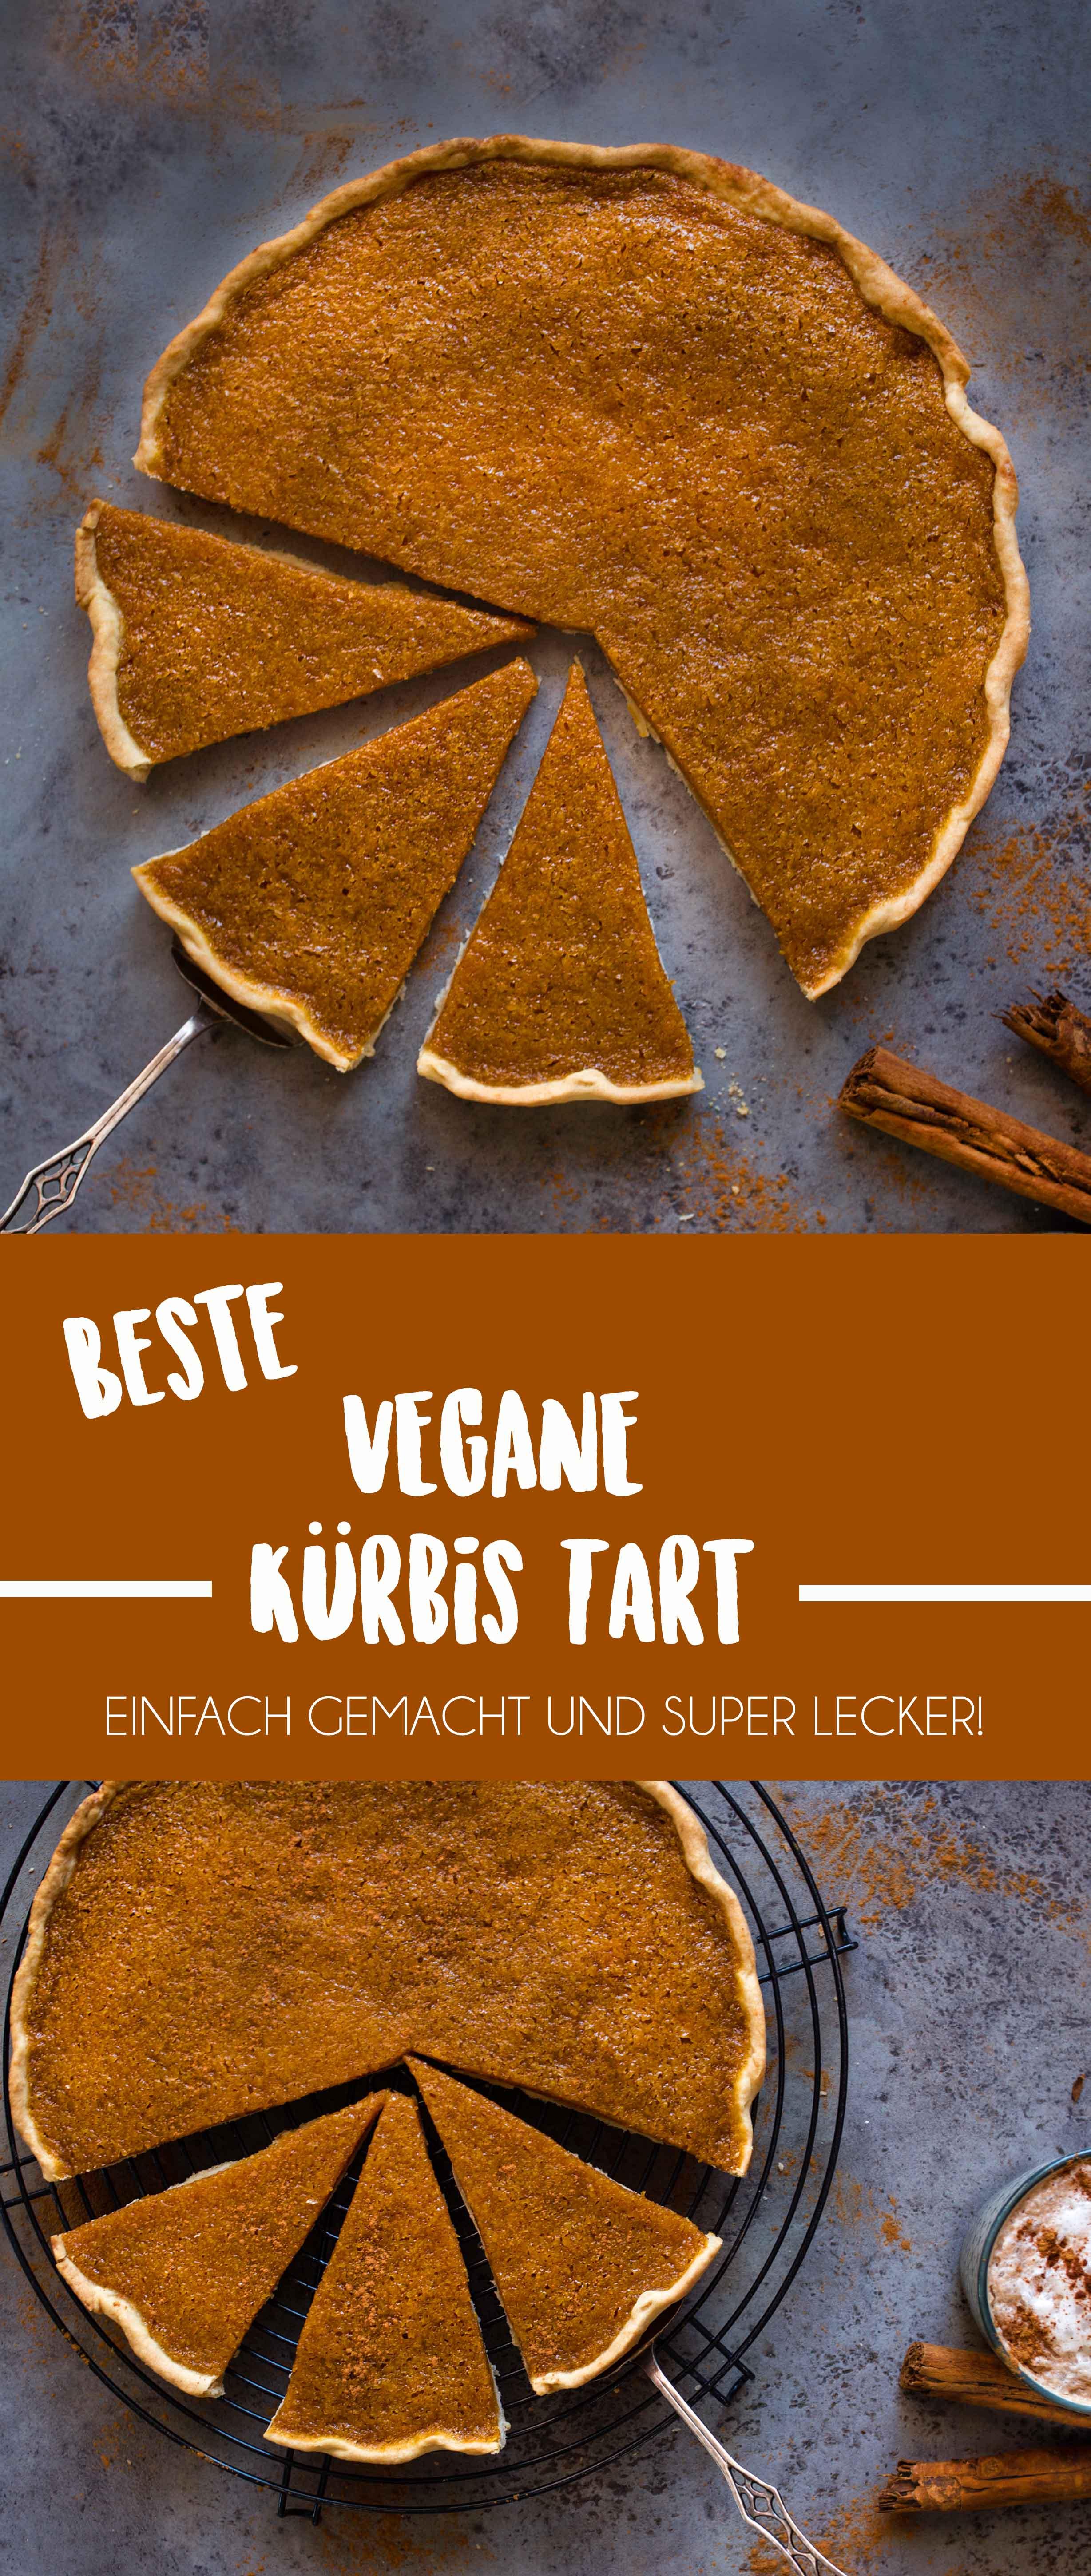 Herbstlich einfache Vegane Kürbis Tarte